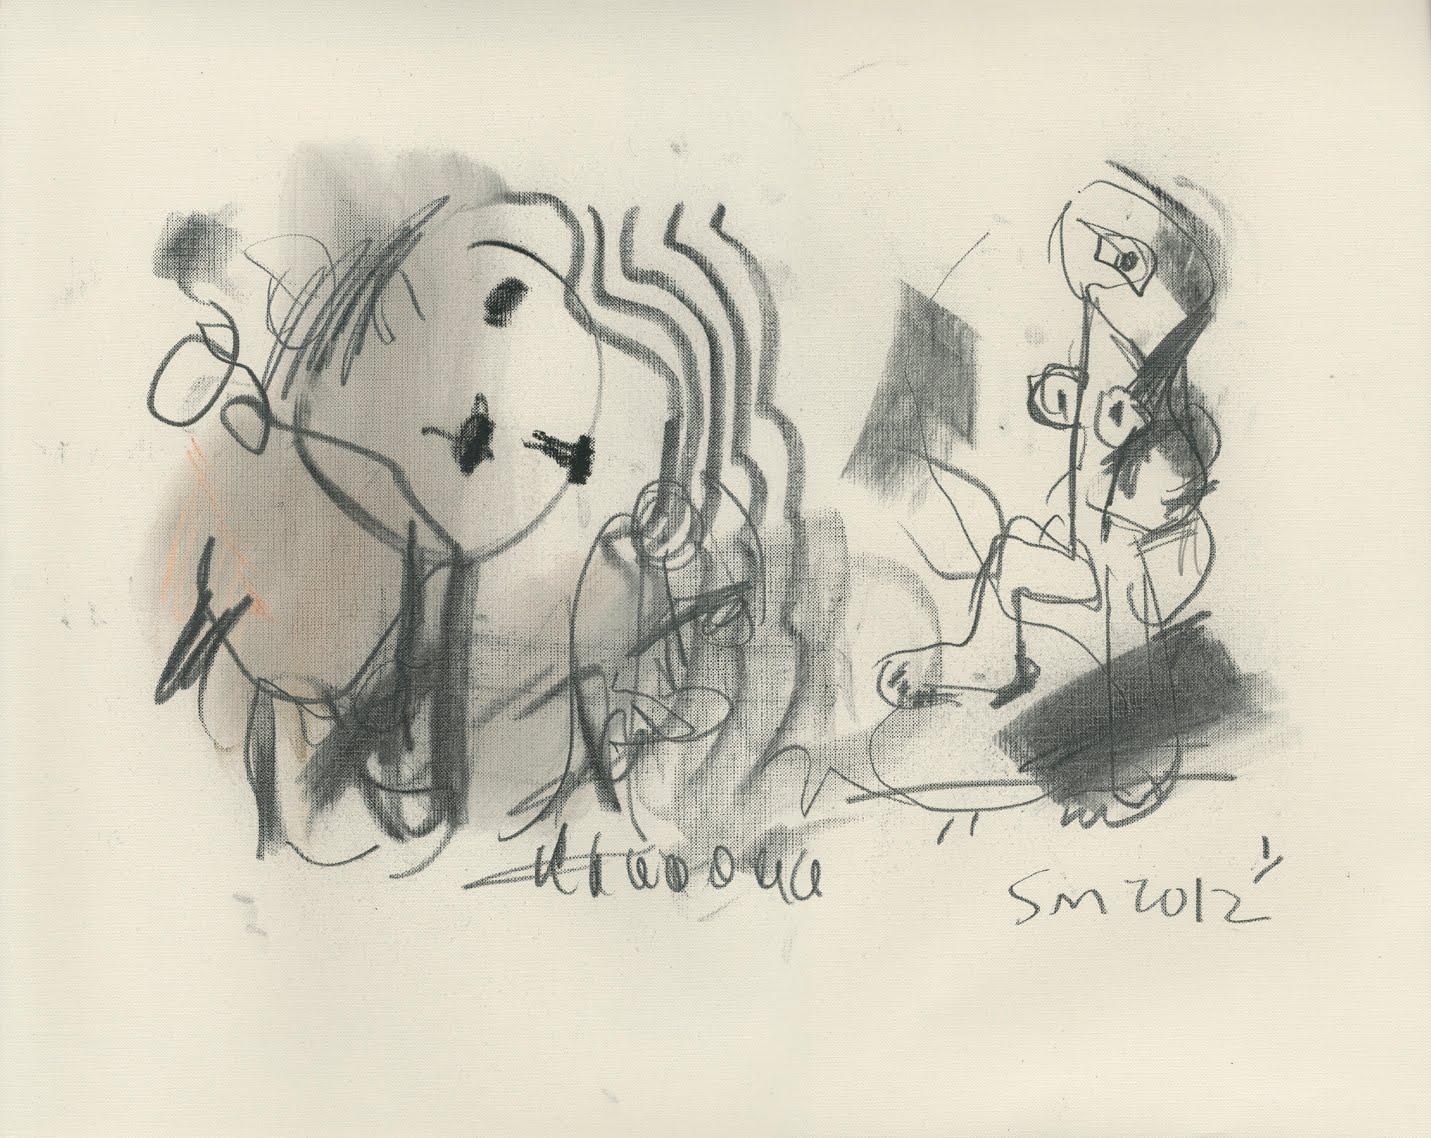 http://2.bp.blogspot.com/-cl22F8d807I/Twu3in-S9BI/AAAAAAAAAd8/IWnUJ8CqTQc/s1600/canvas_paper_drawing_pad2_09%2Bcopy.jpg